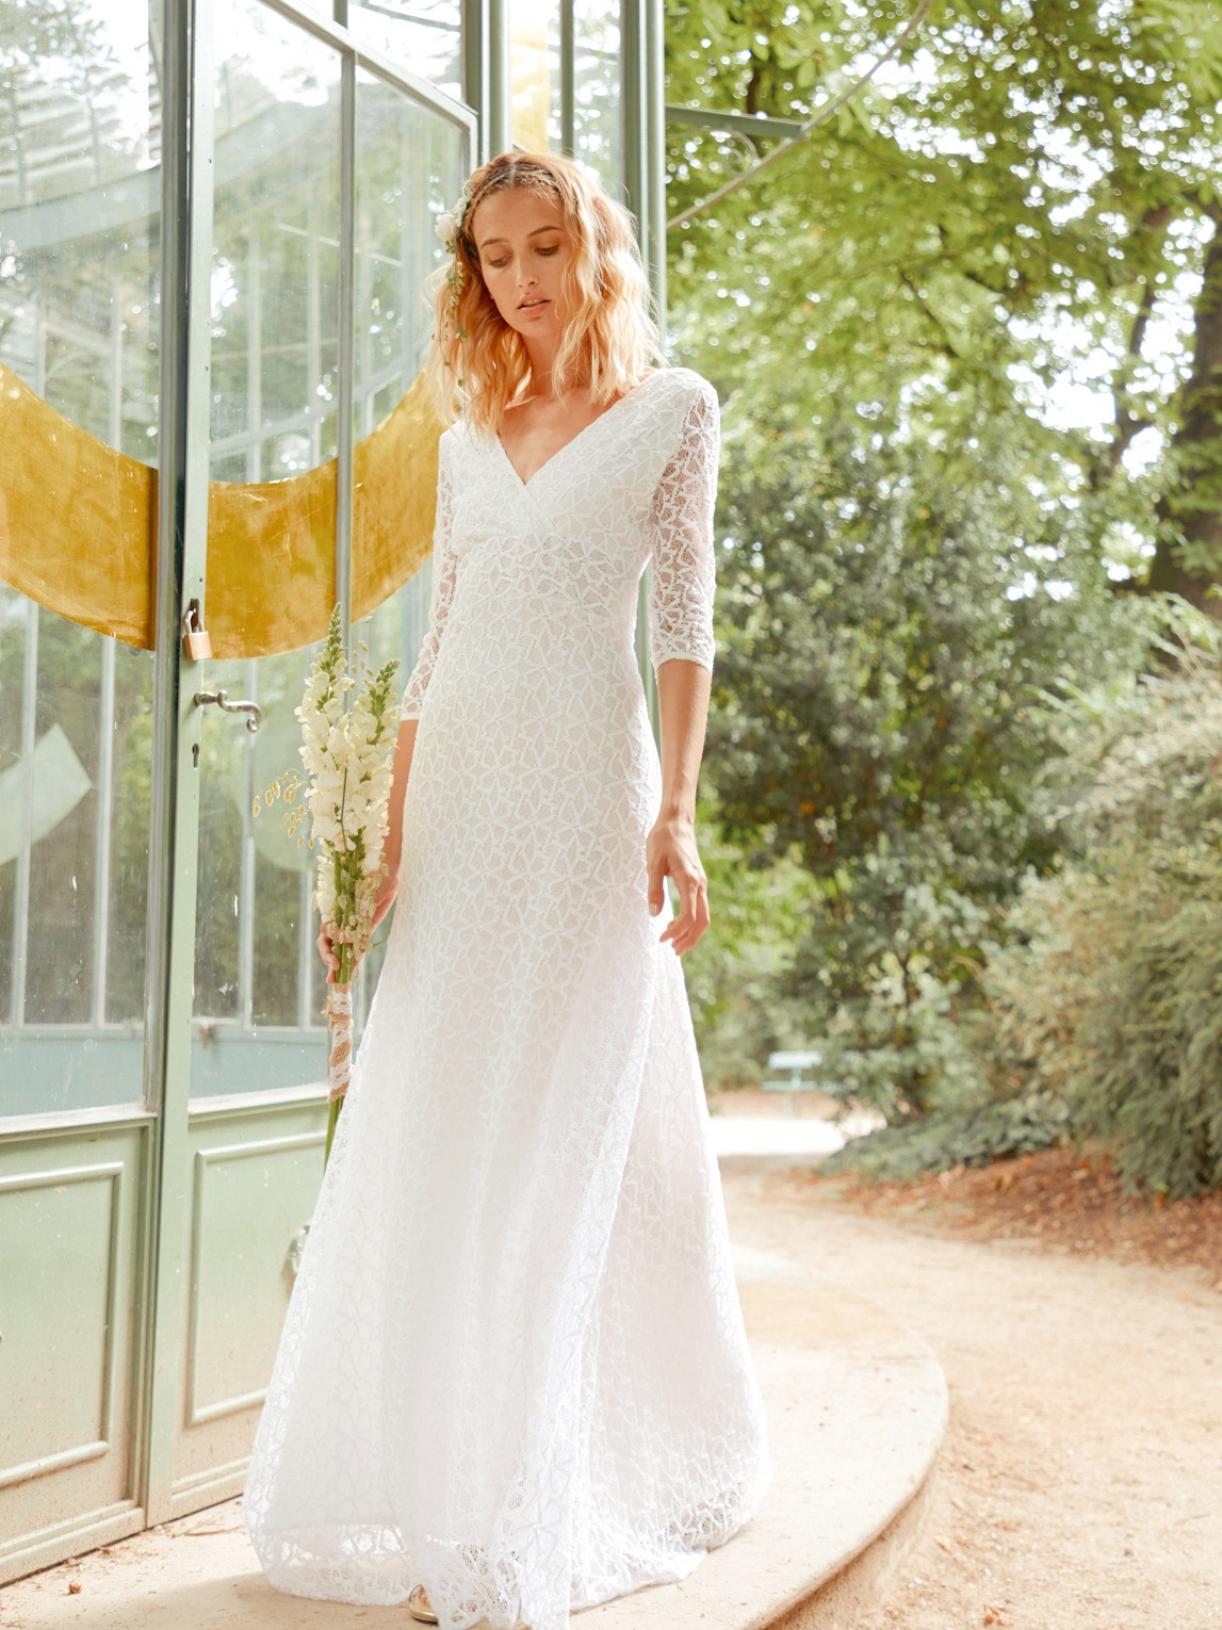 Myphilosophy creatrice de mode et robes de mariees for Robe de mariée créateur pas cher